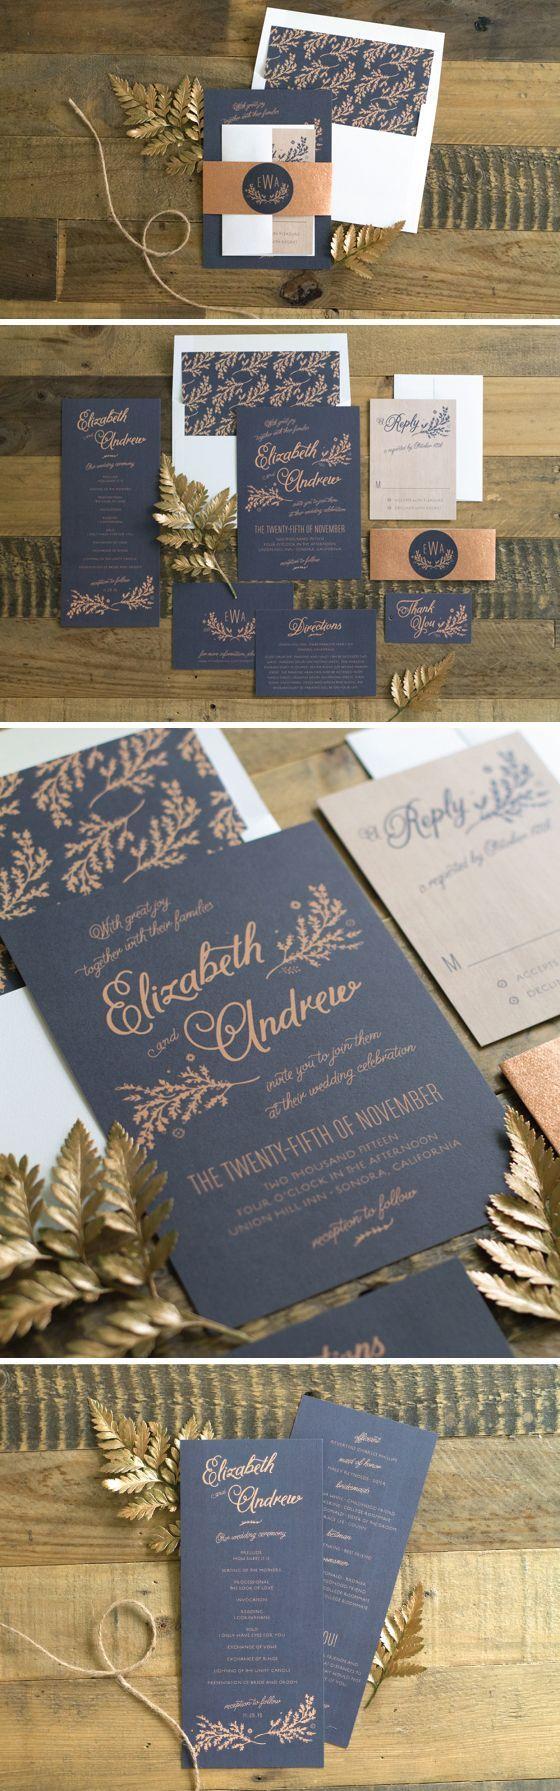 Golden spray ferns Rustic Wedding Invitations